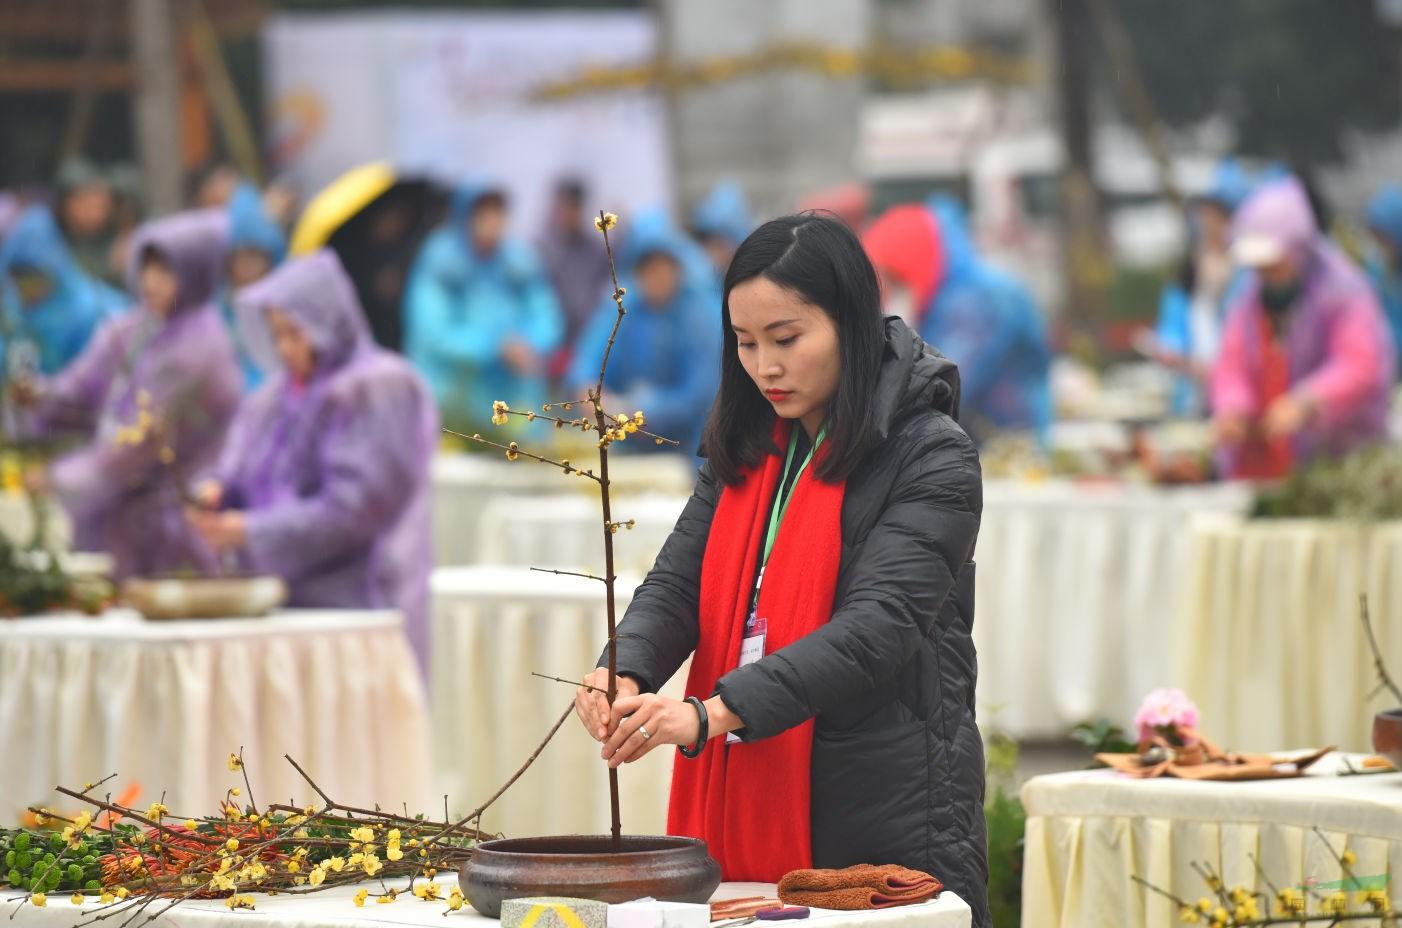 「betway必威体育亚洲」第两届静不雅杯传统插花年夜赛胜利举行